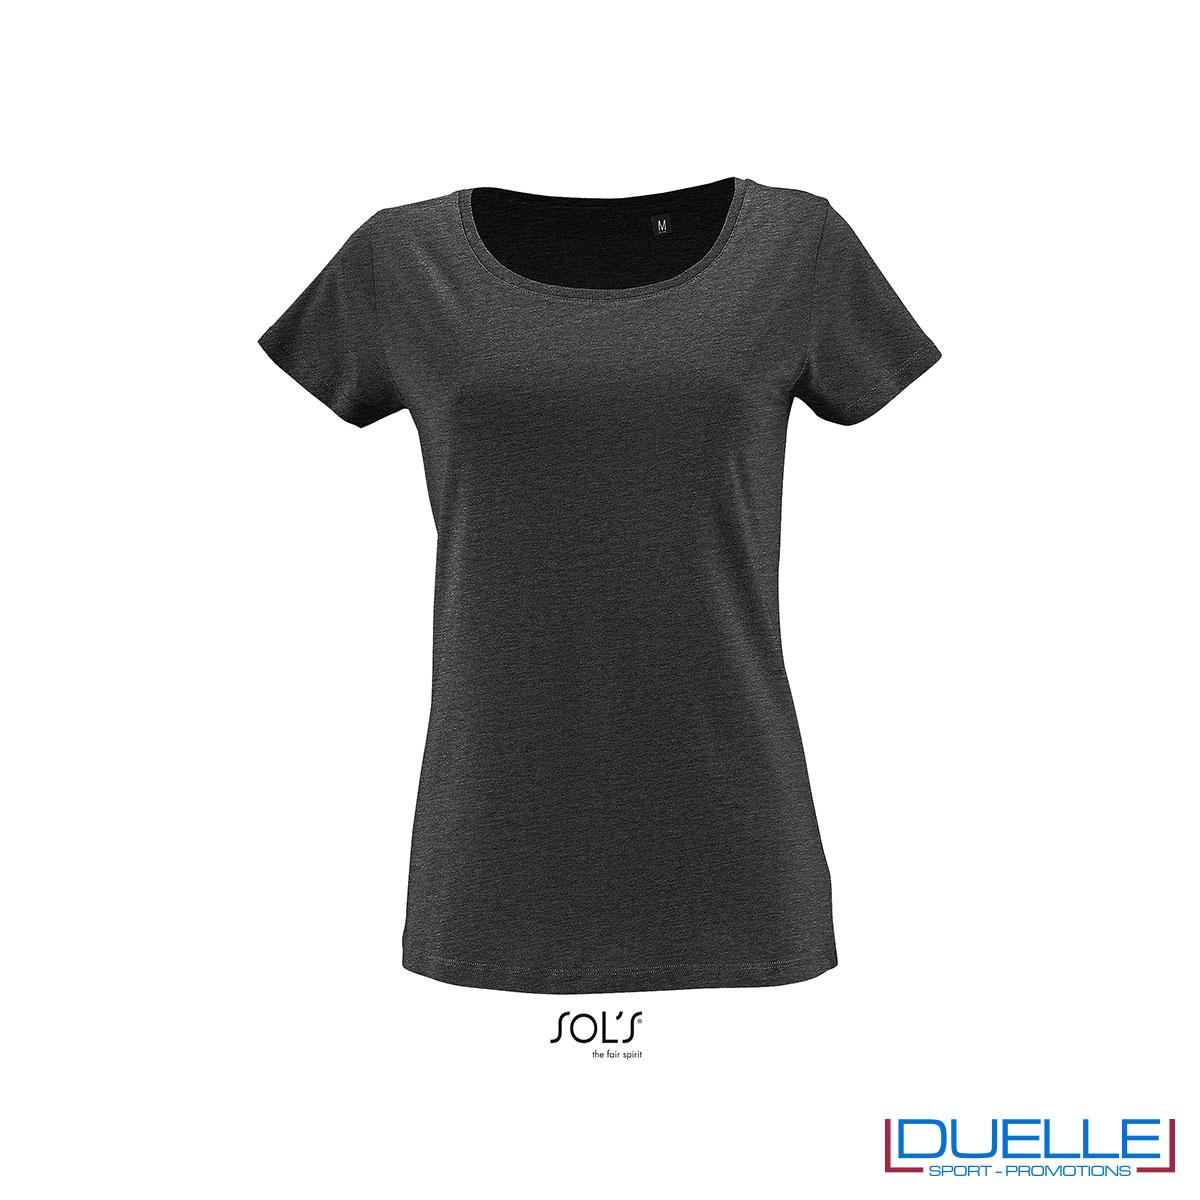 maglia grigio scuro jersey femminile